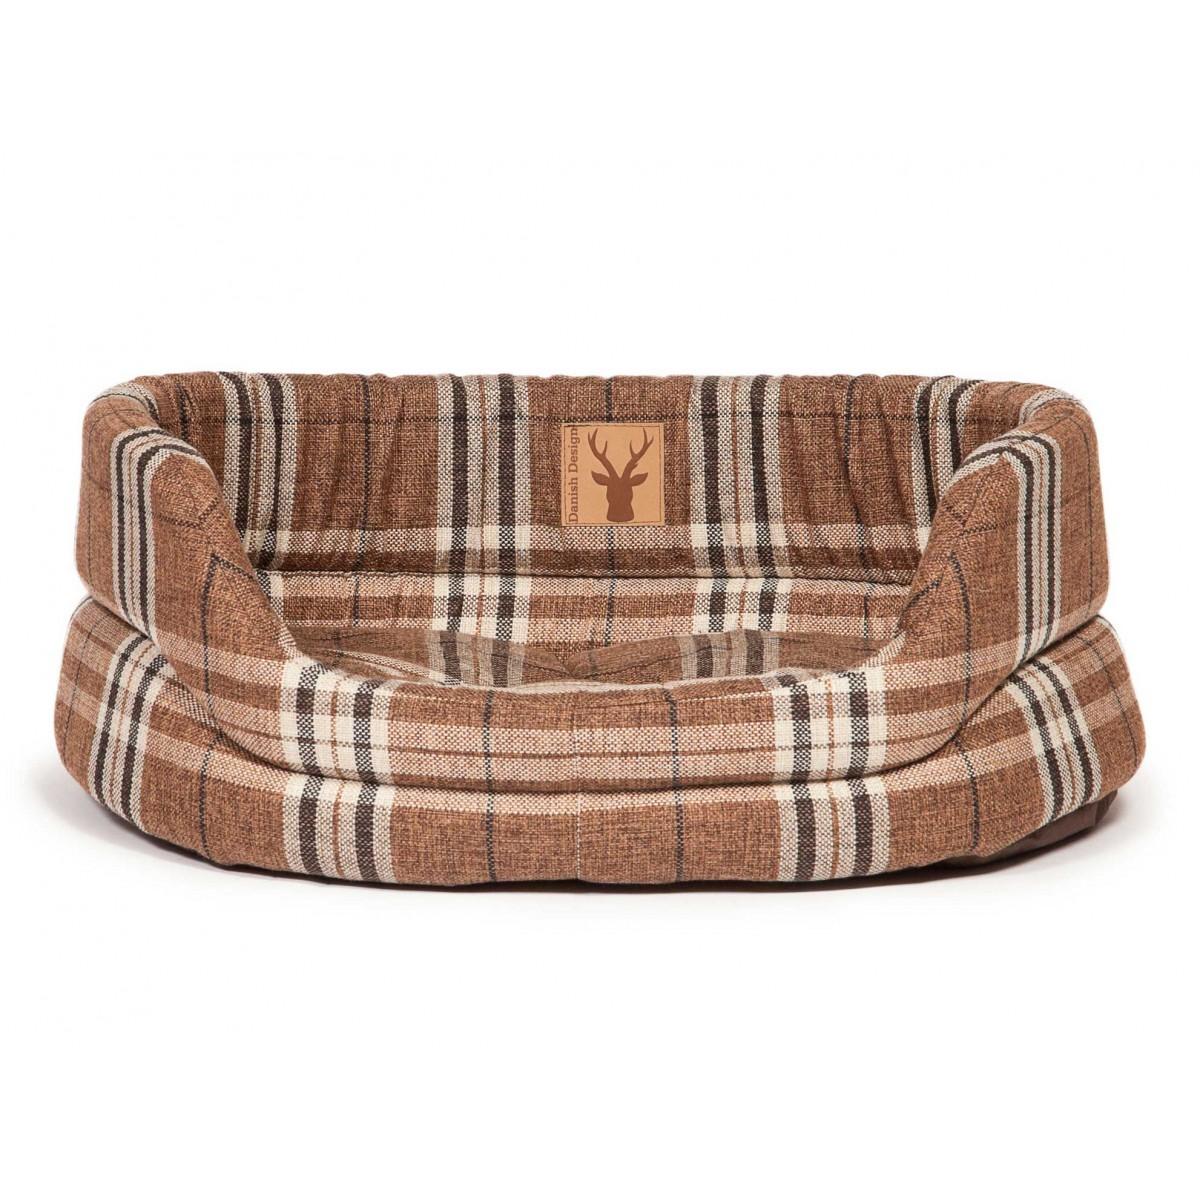 danish design newton slumber dog bed. Black Bedroom Furniture Sets. Home Design Ideas